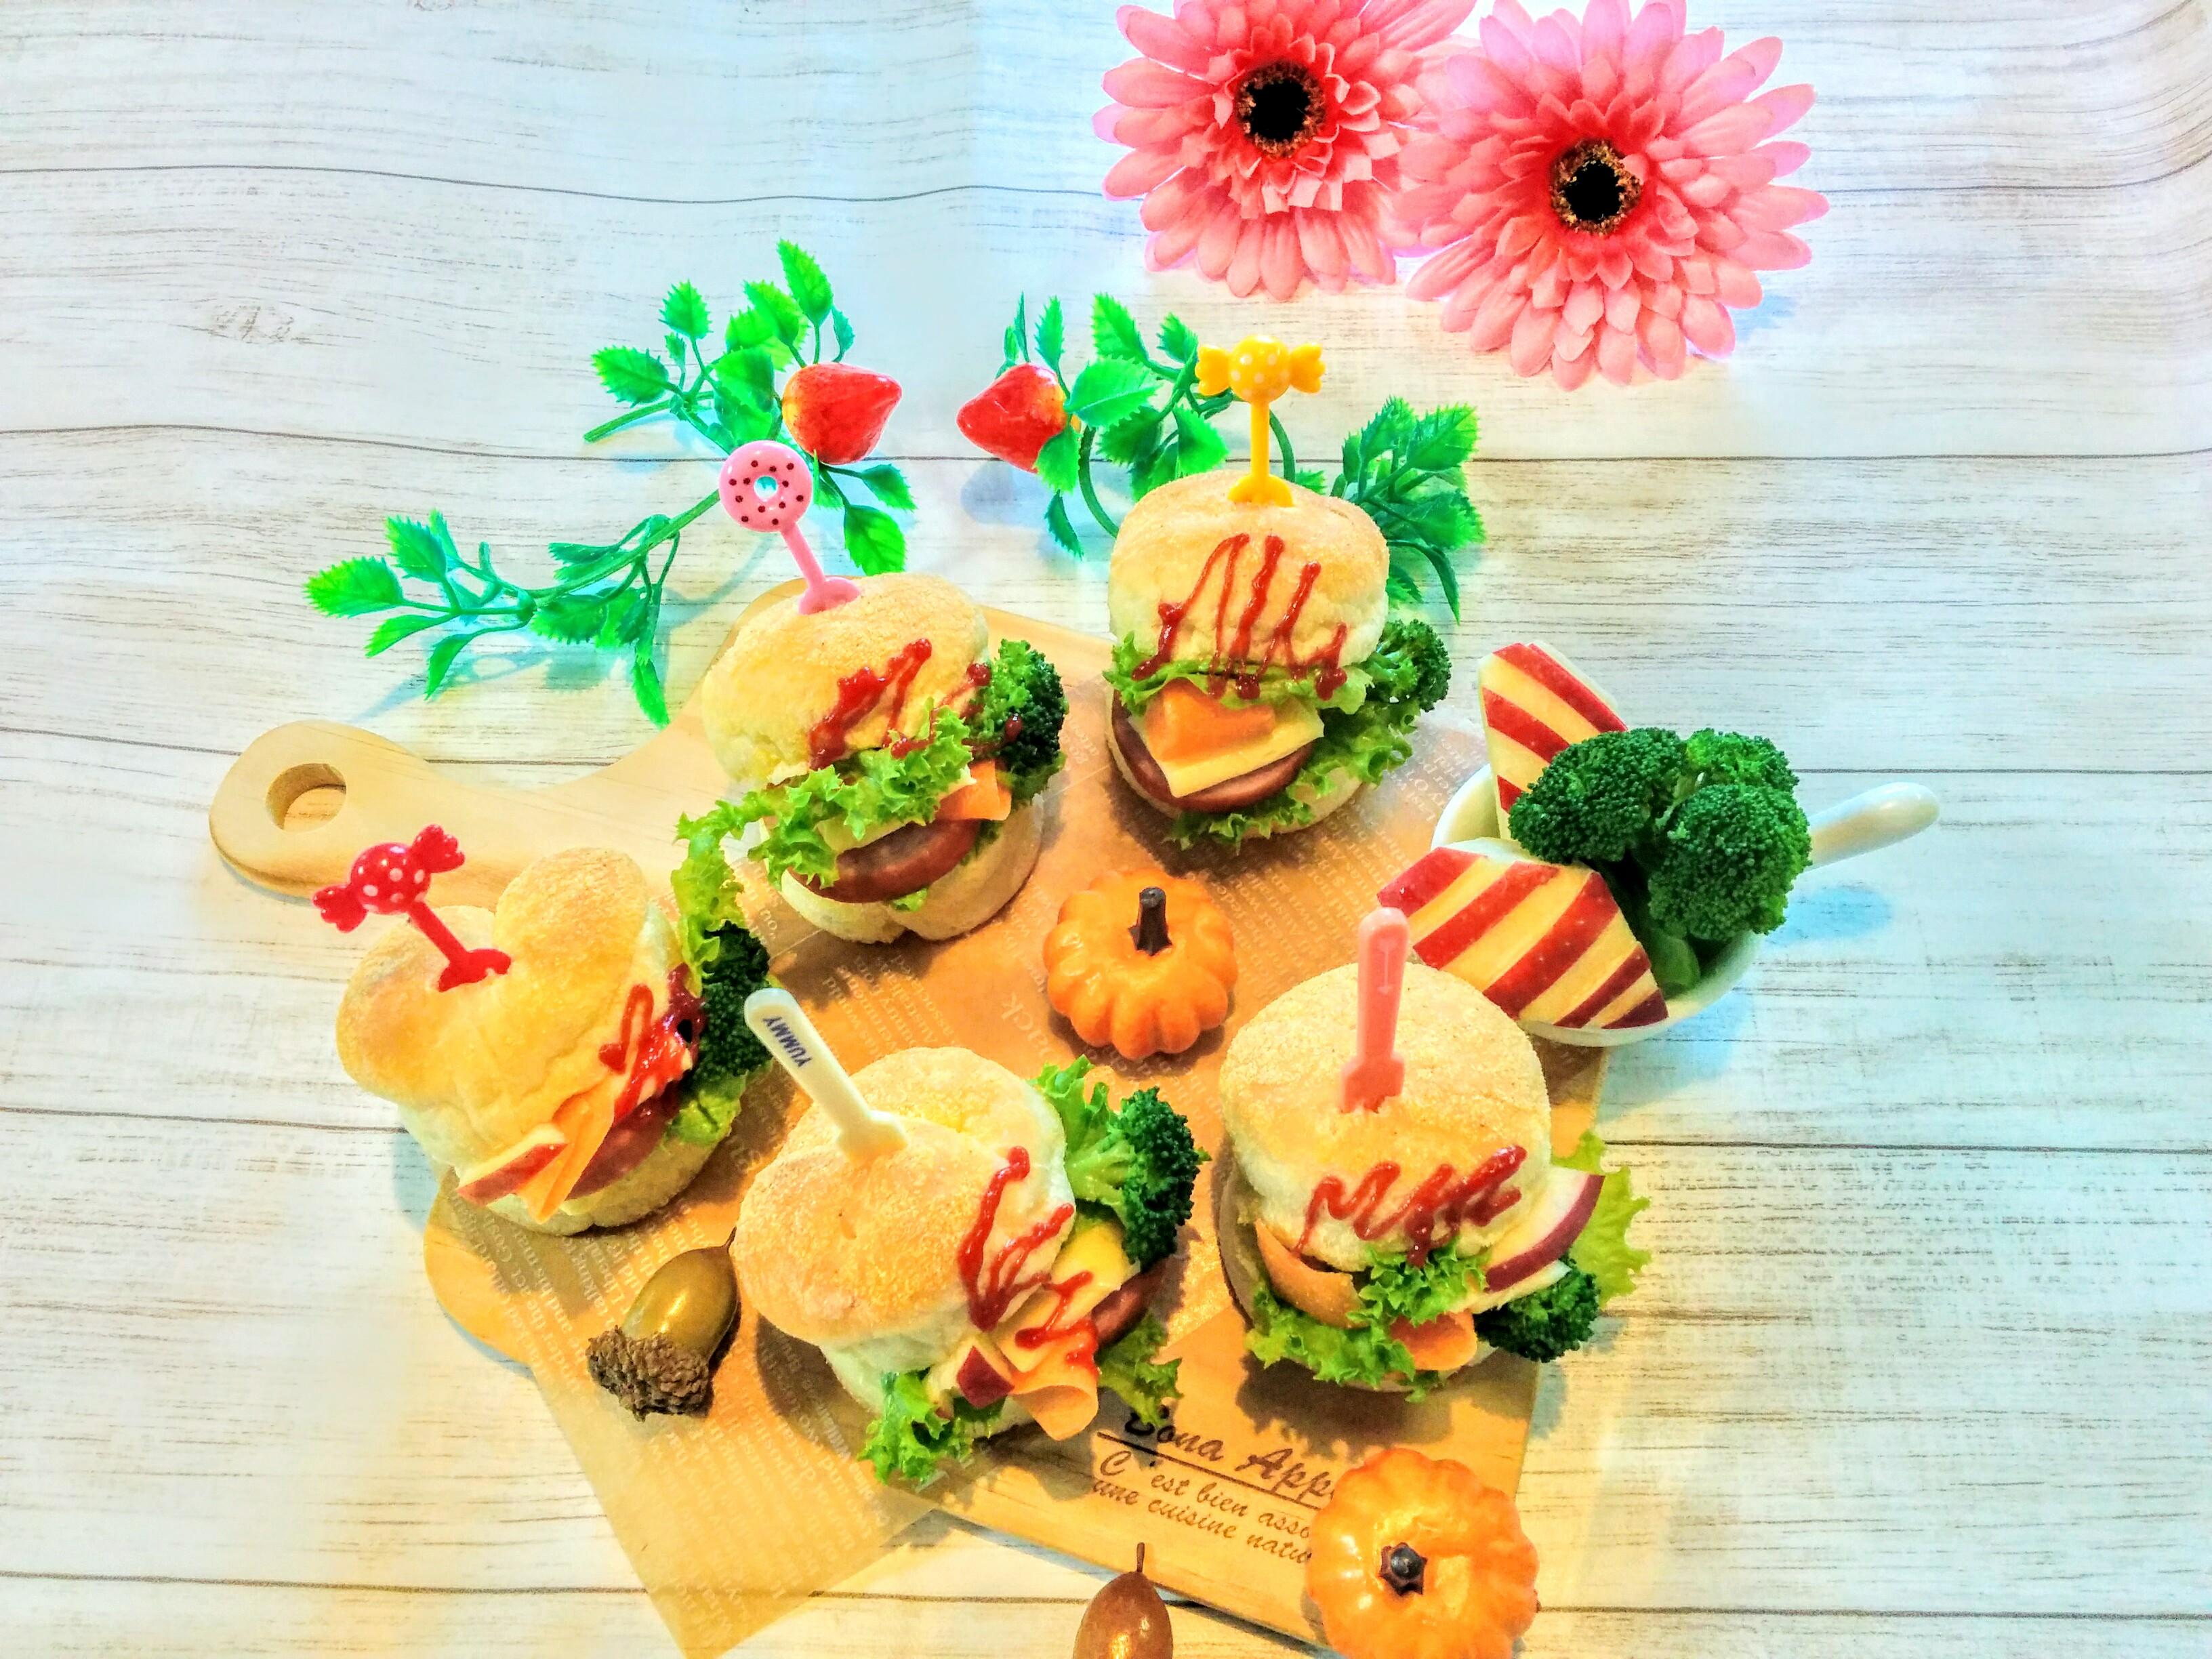 【小樽】娘の今日のお弁当・イングリッシュマフィンバーガー弁当グルメ案内です。